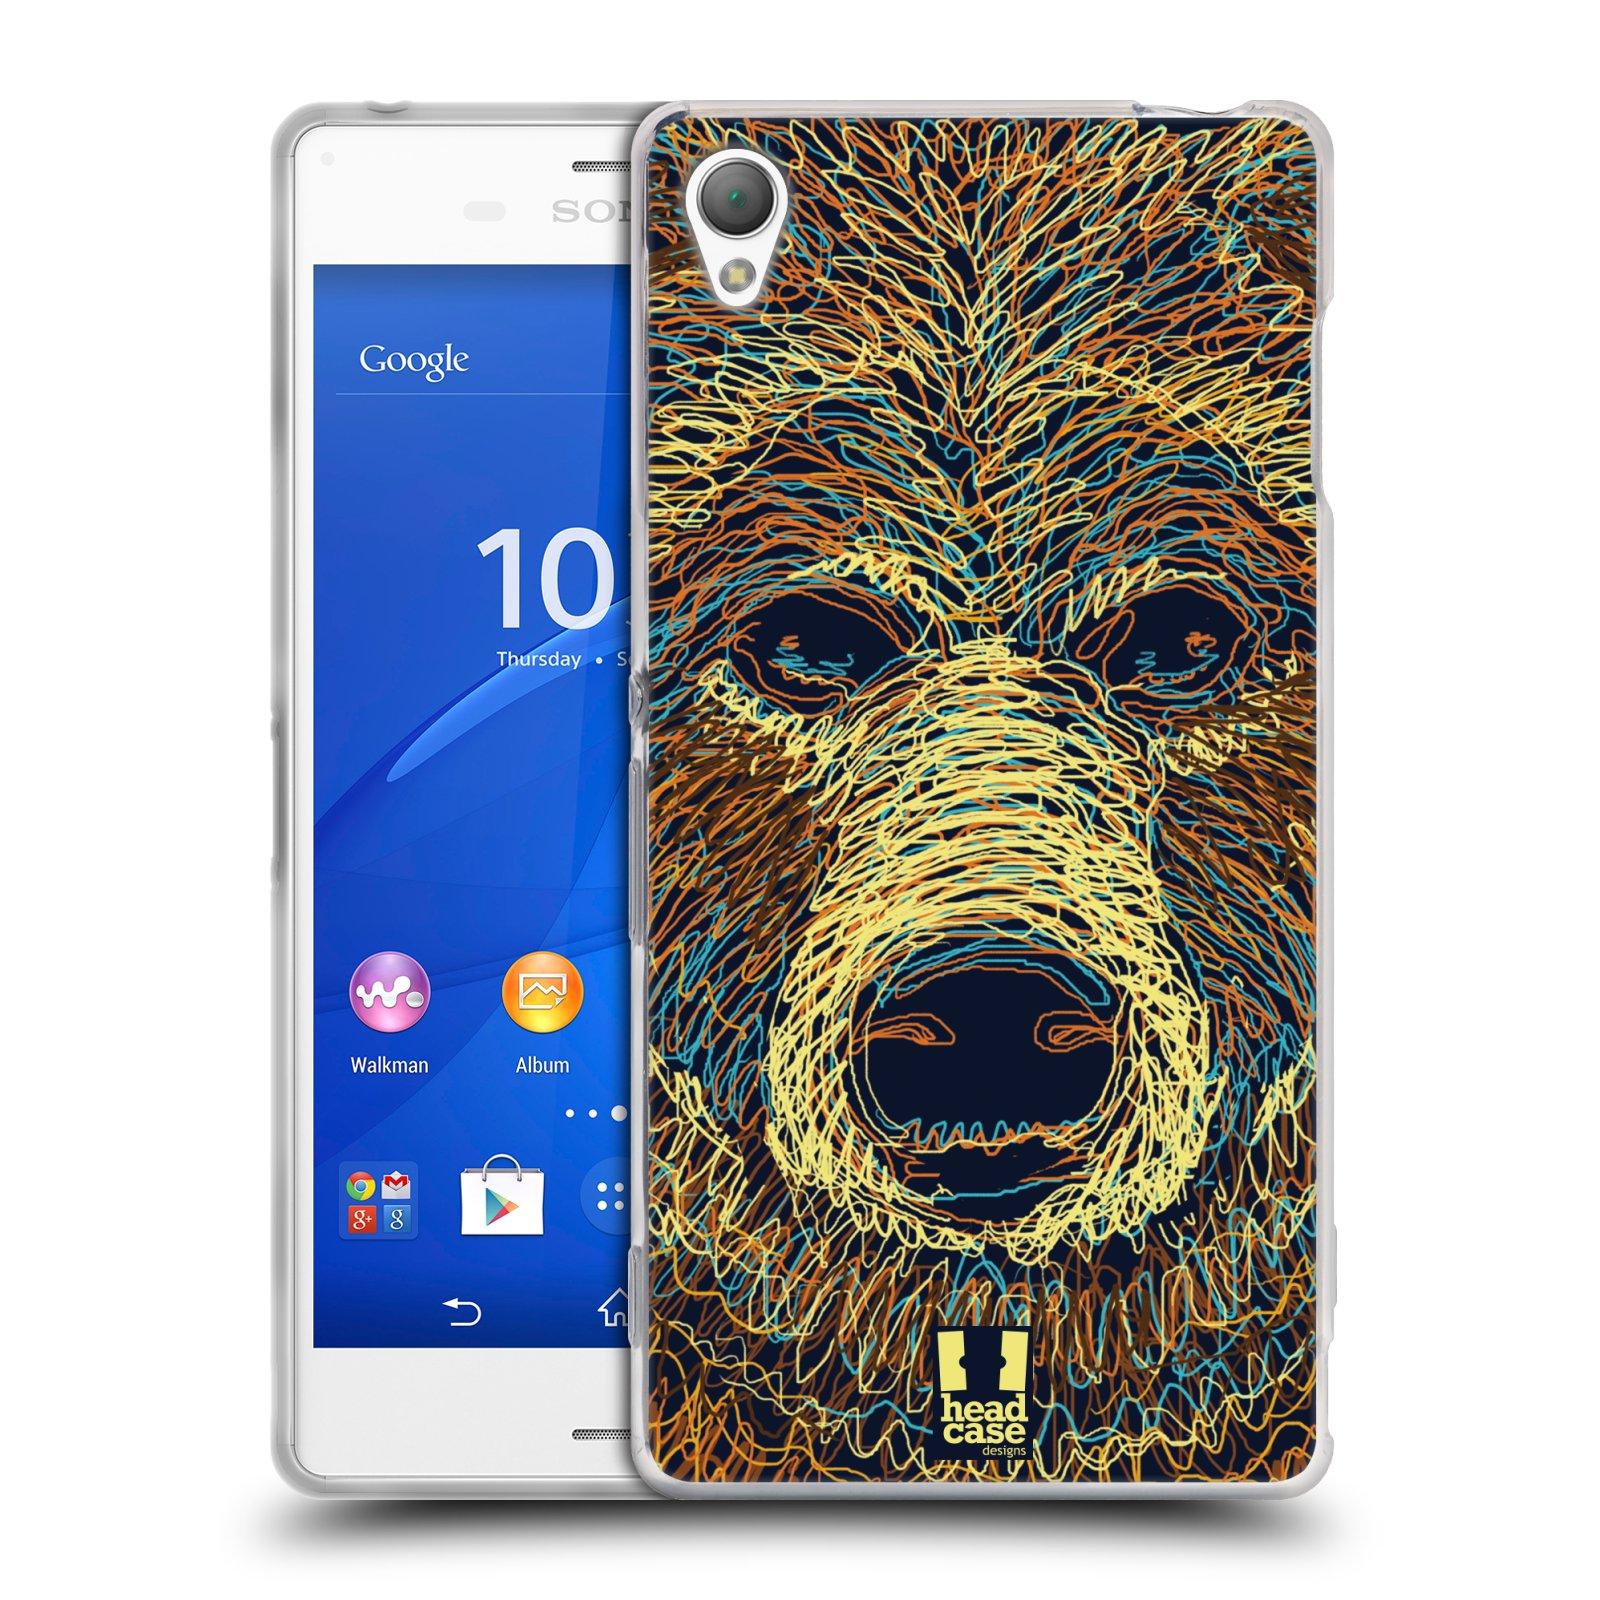 HEAD CASE silikonový obal na mobil Sony Xperia Z3 vzor zvíře čmáranice medvěd